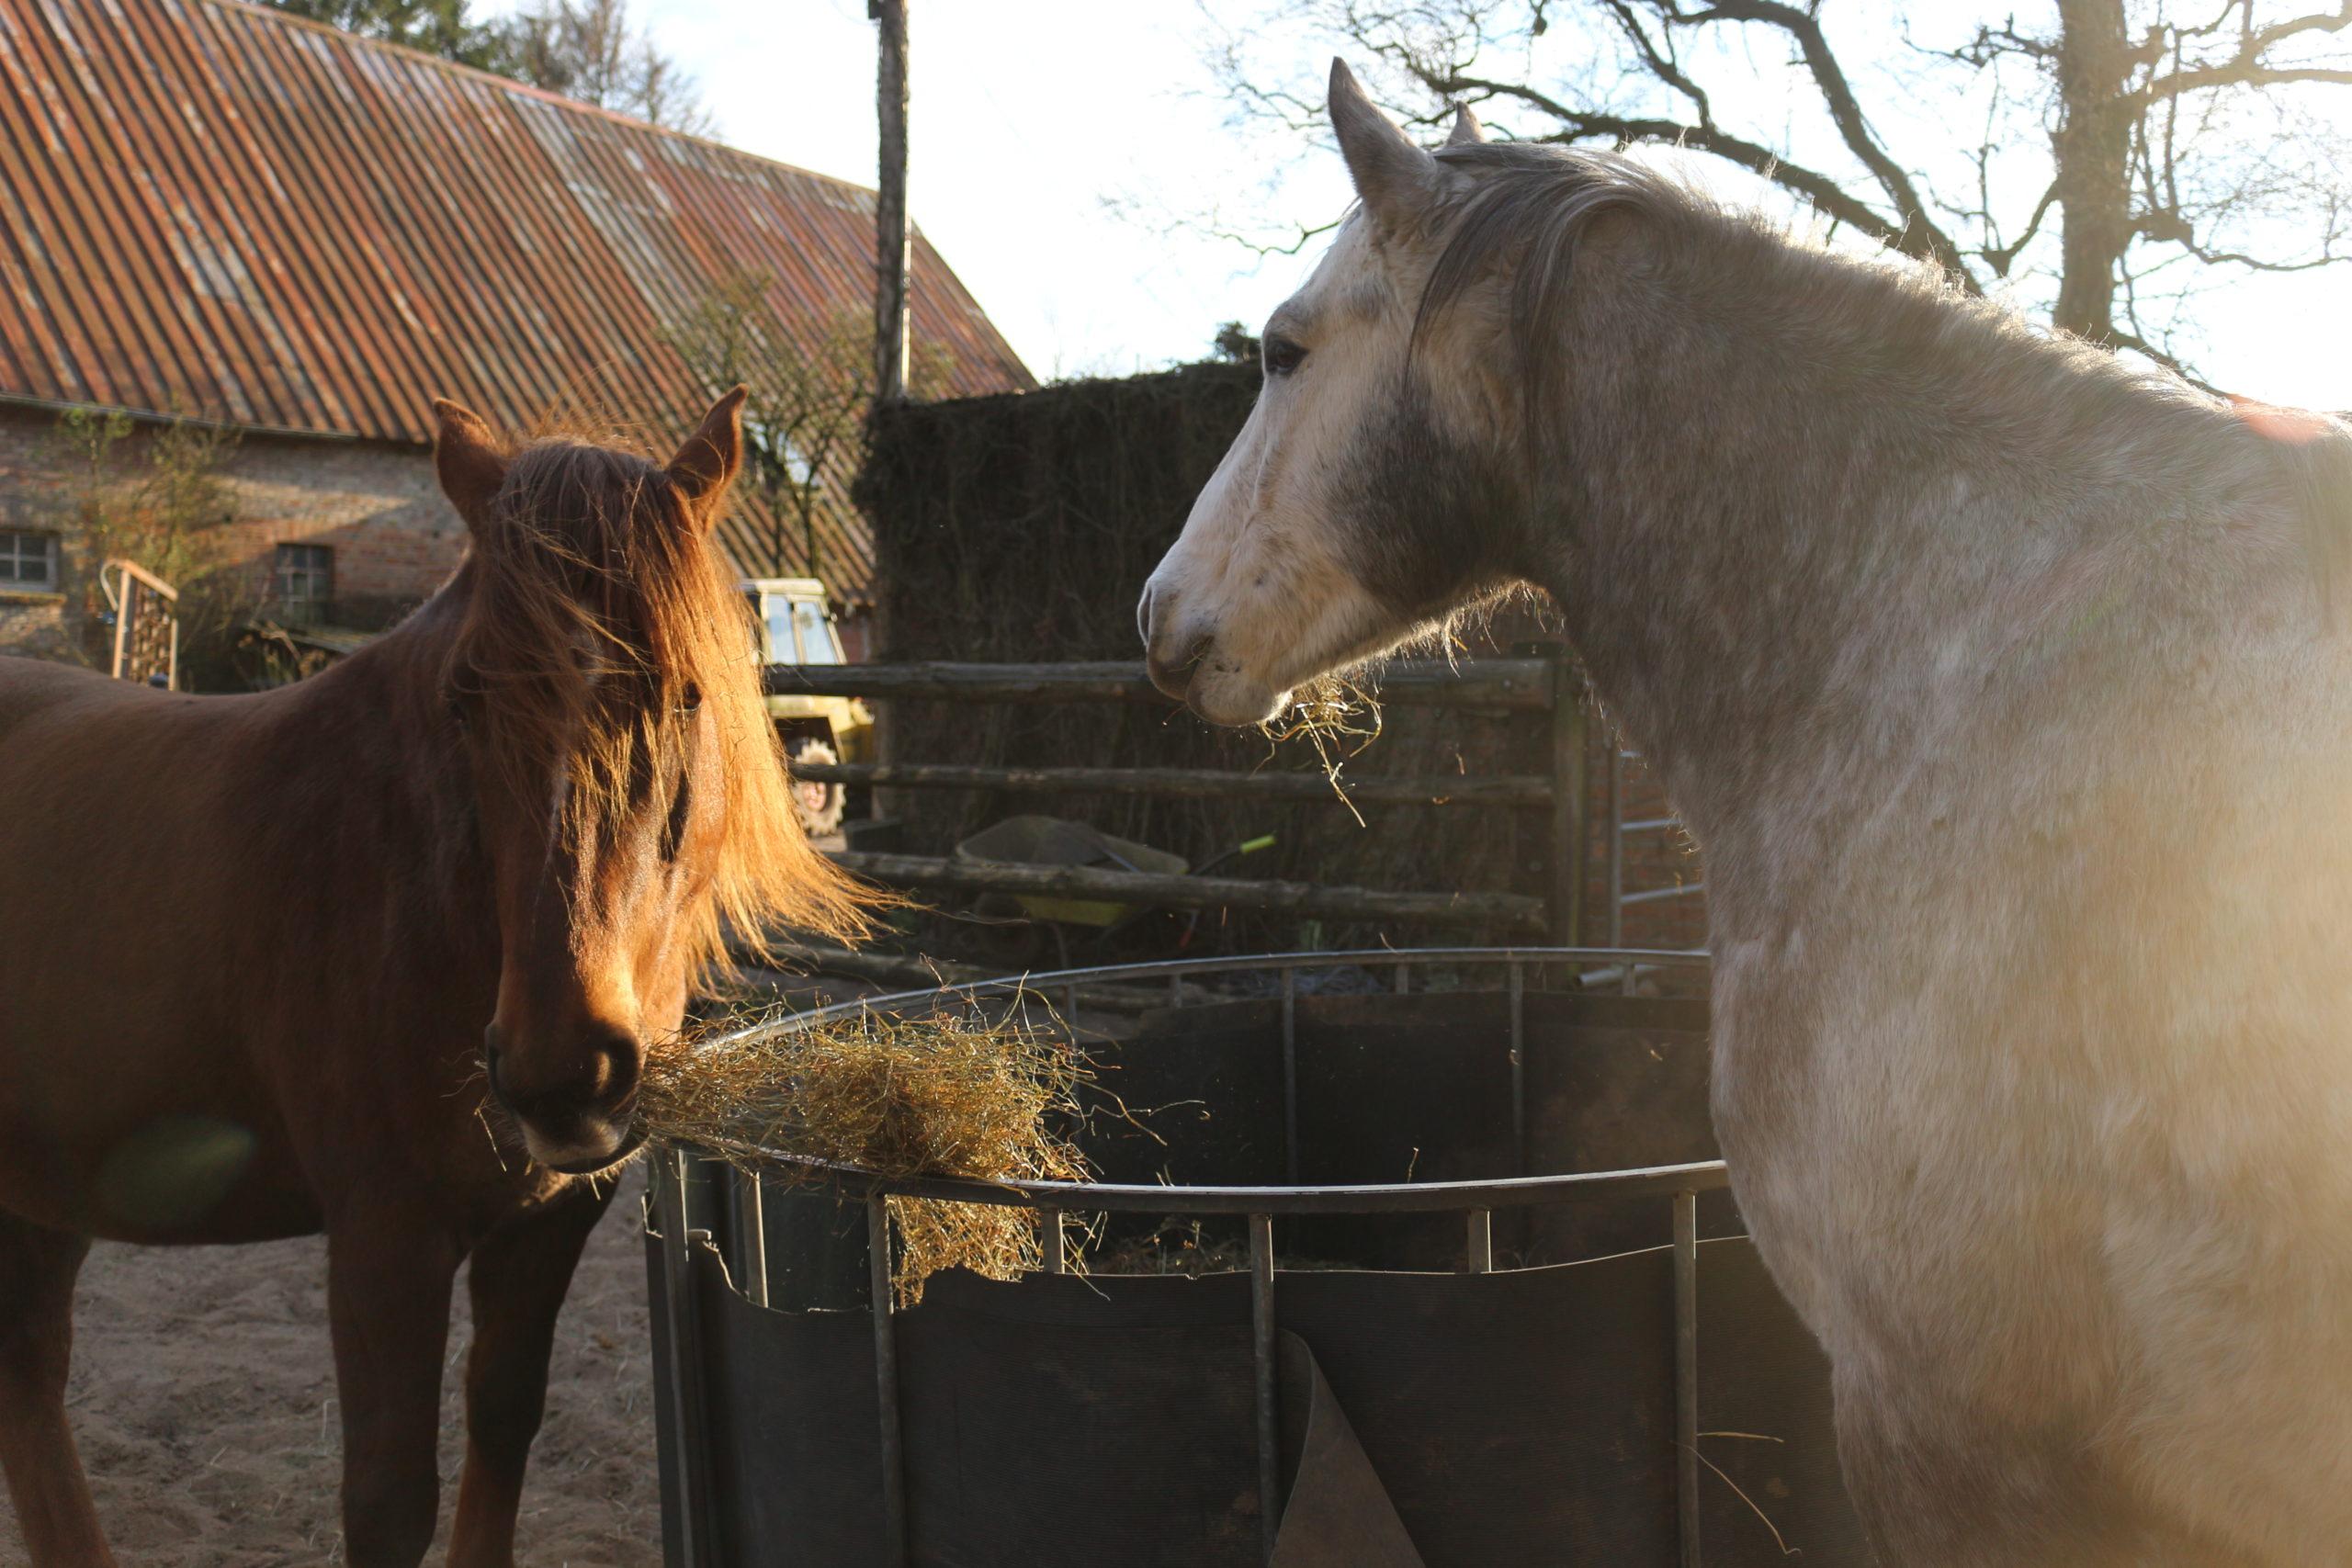 Neues Pferd probereiten – mit Checkliste